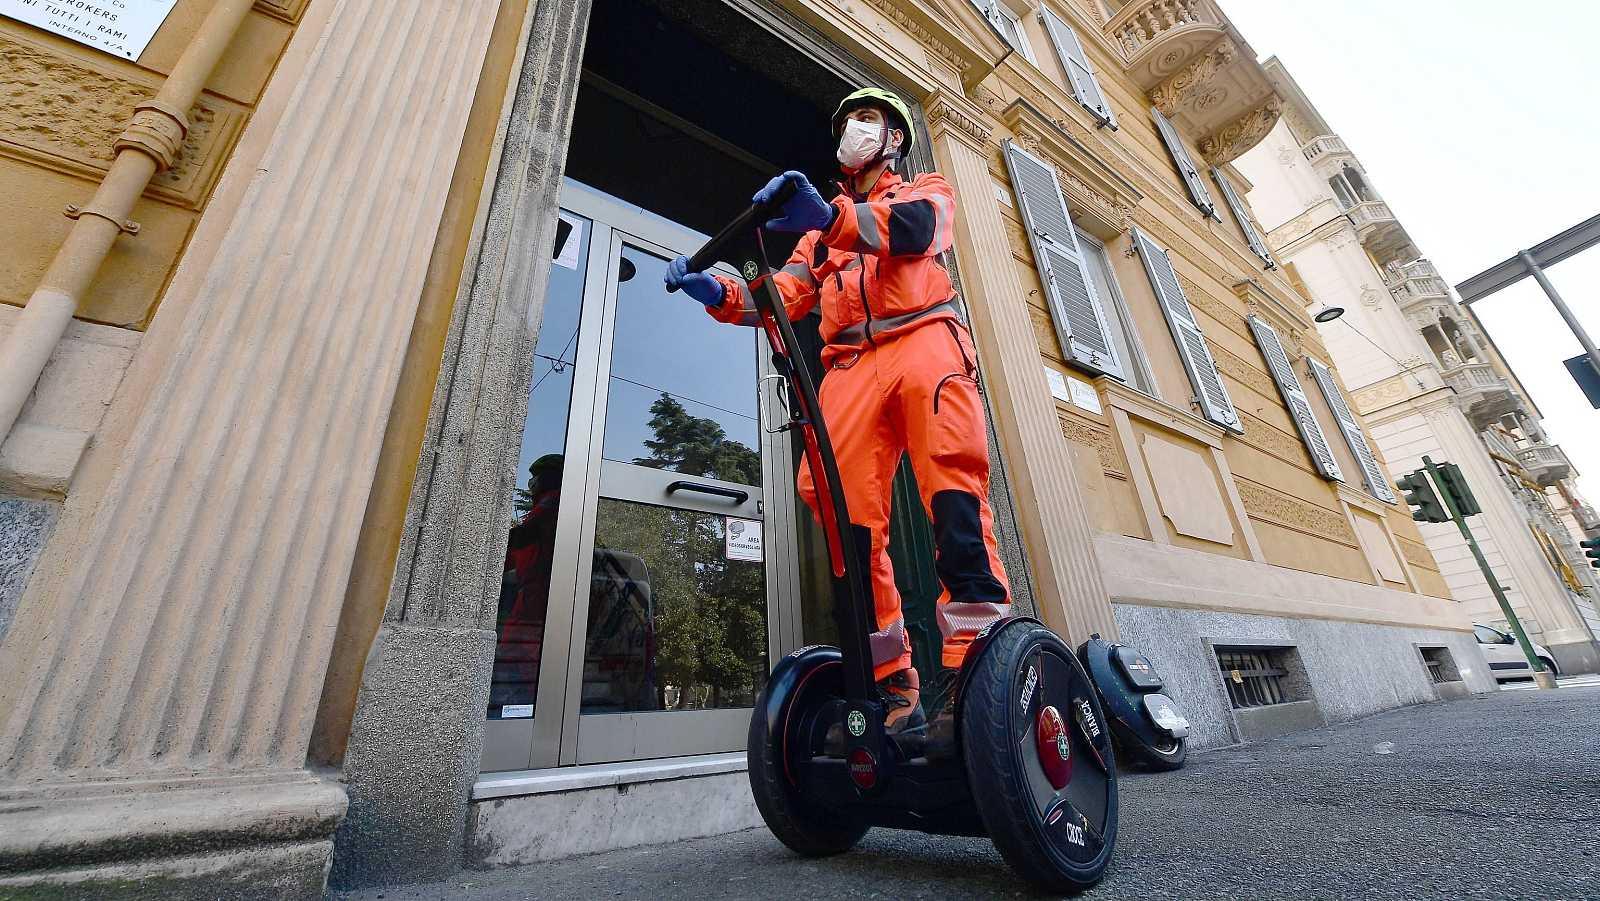 Voluntarios de Cruz Roja recorren las calles de Génova en vehículos segway ecológicos para repartir mascarillas y medicinas a domicilio